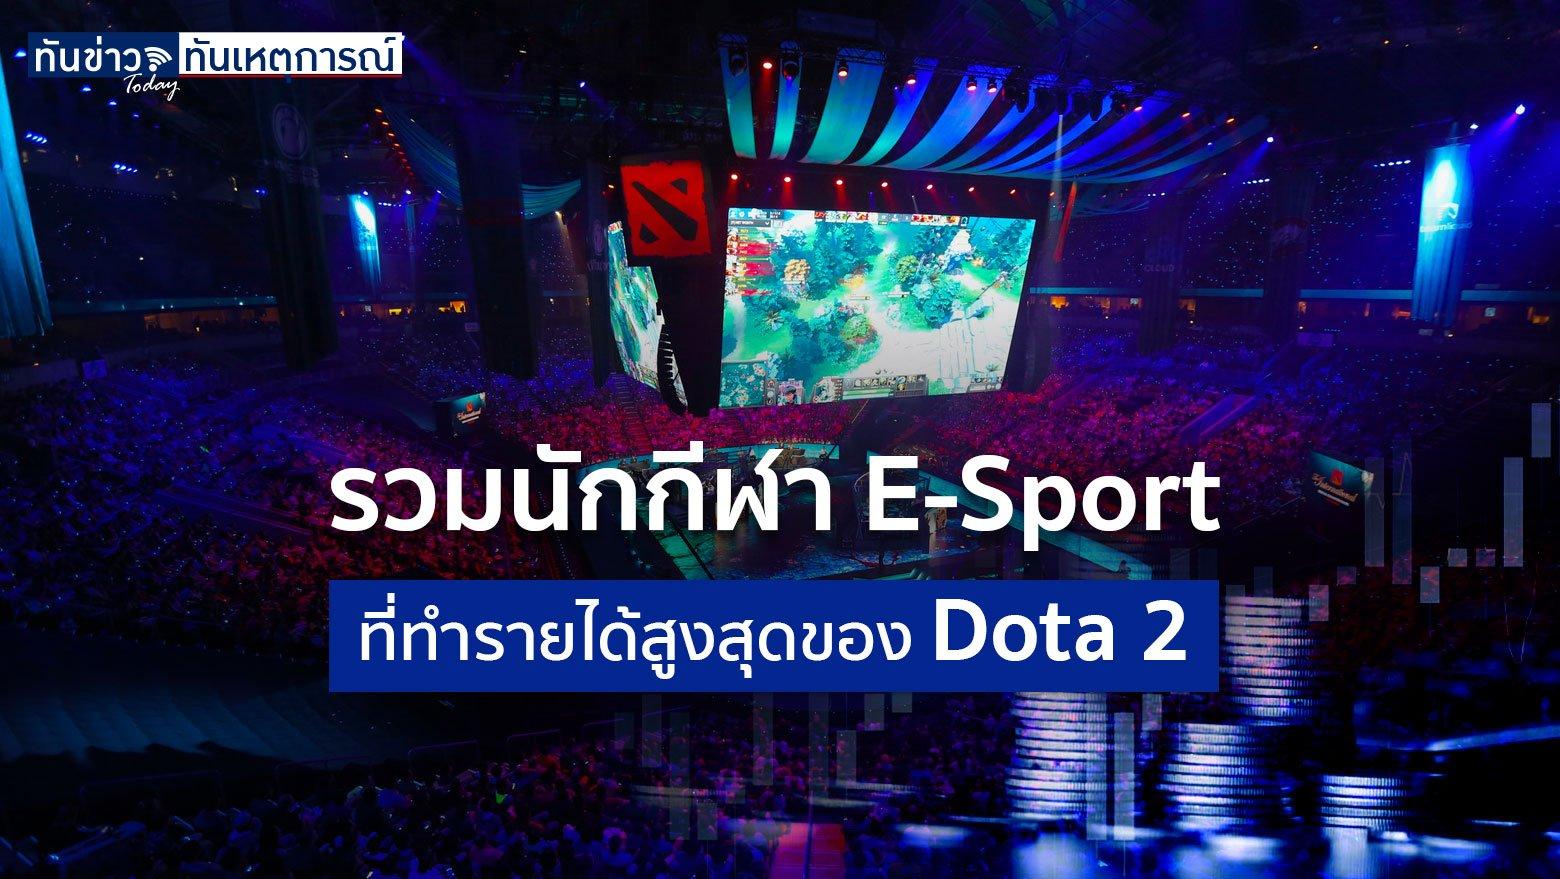 รวมนักกีฬา E-Sport ที่ทำรายได้สูงสุดของ Dota 2